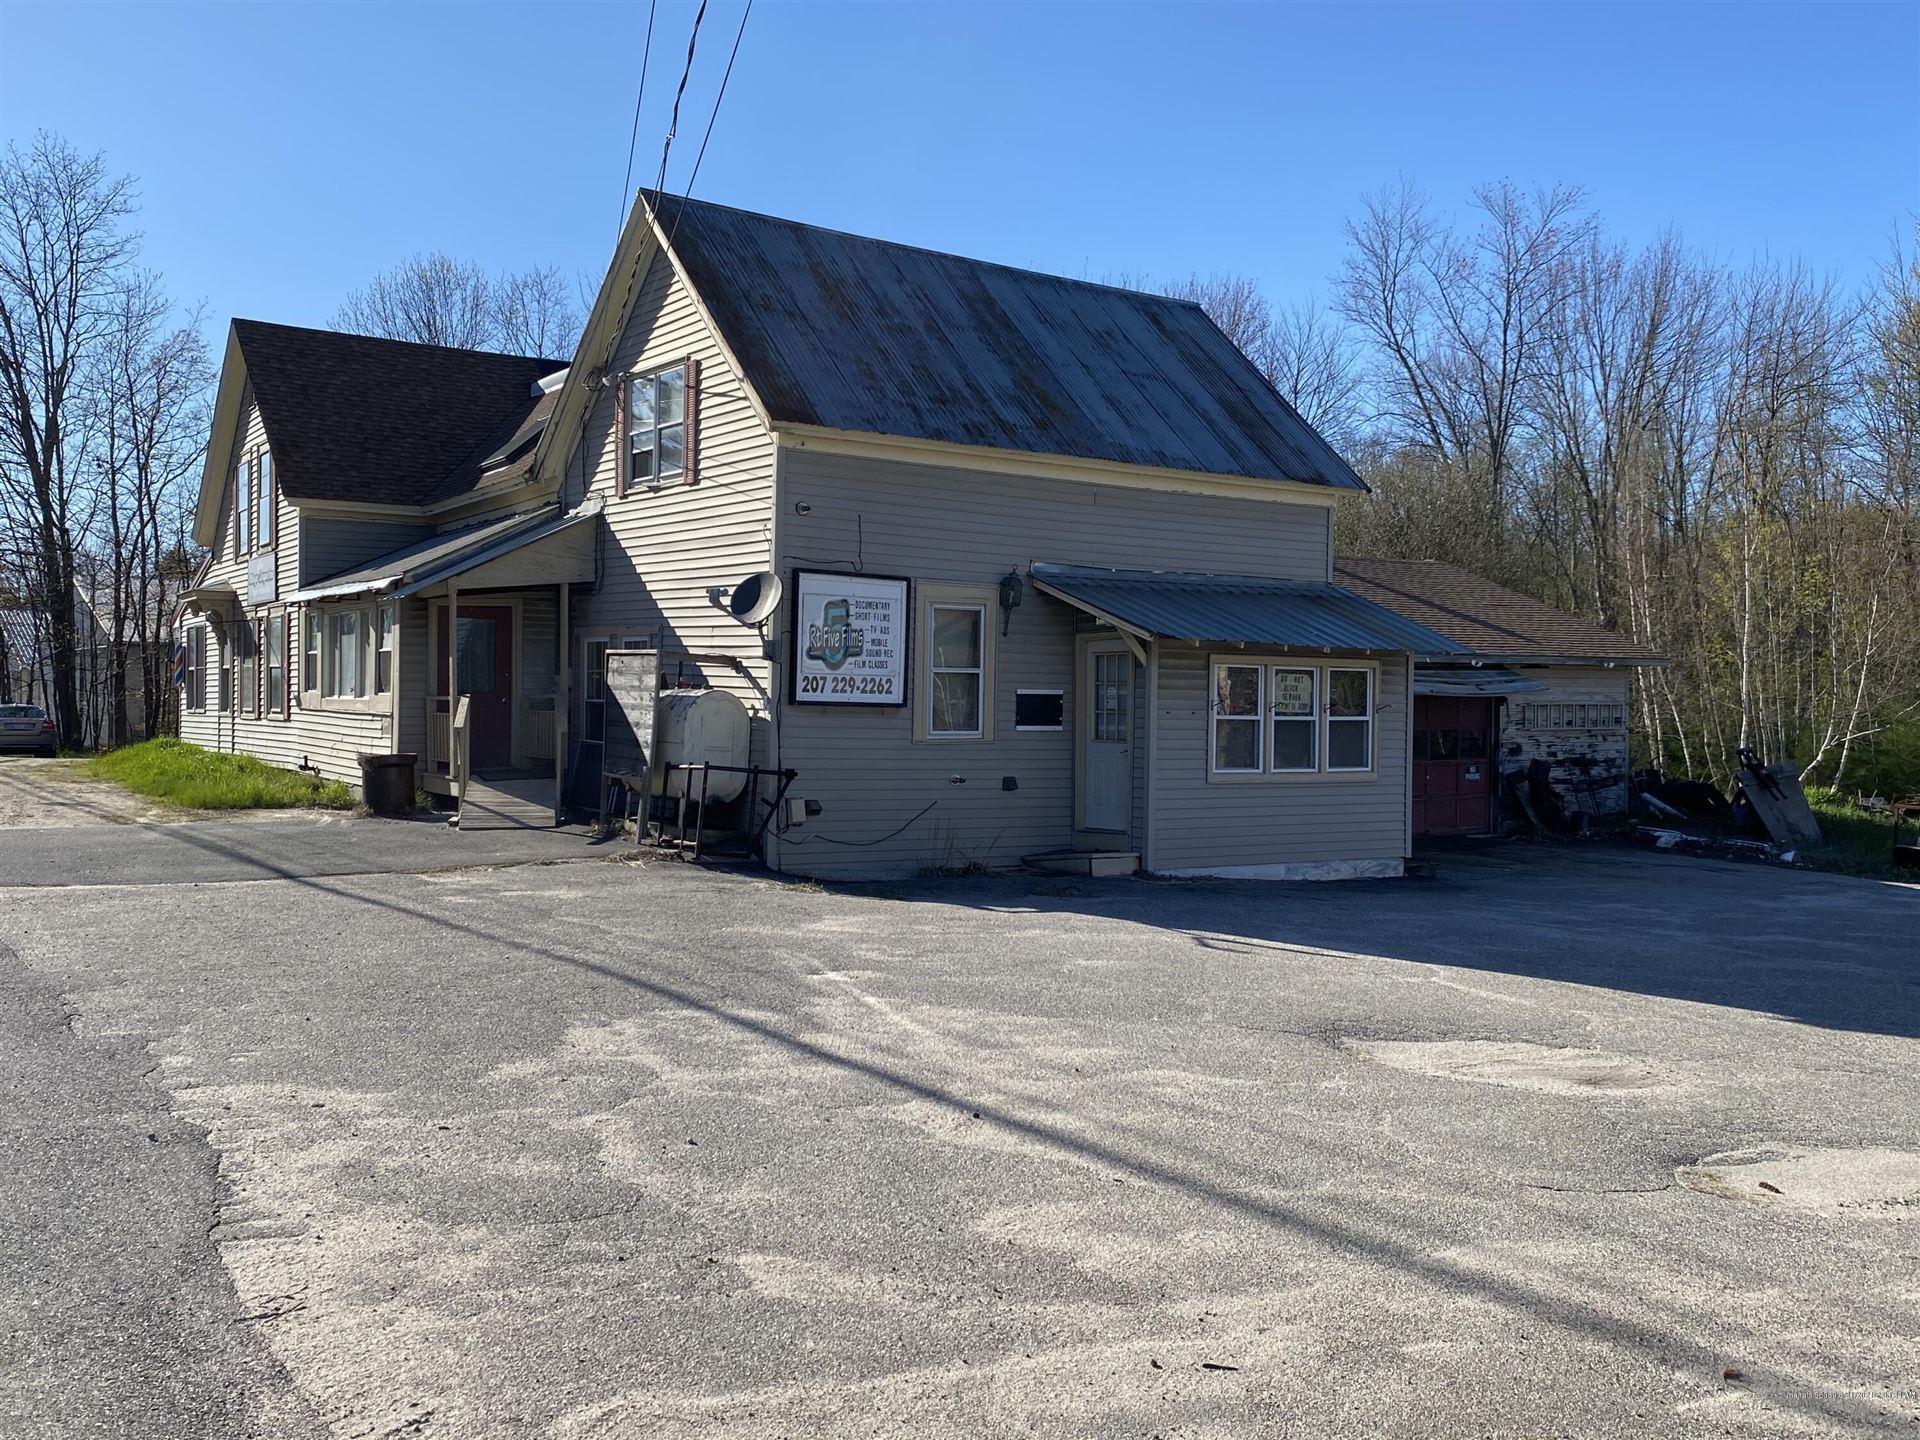 Photo of 221 Main Street, Waterboro, ME 04030 (MLS # 1490443)